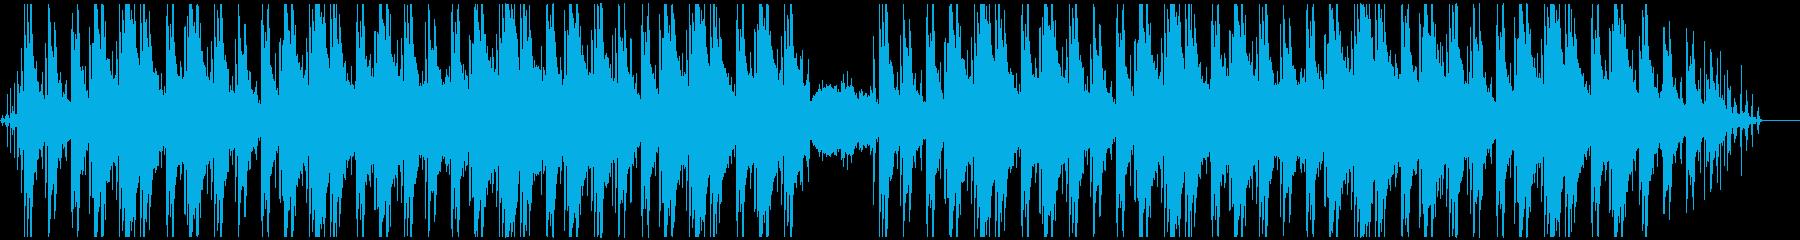 ピアノと足音と環境音のチルの再生済みの波形